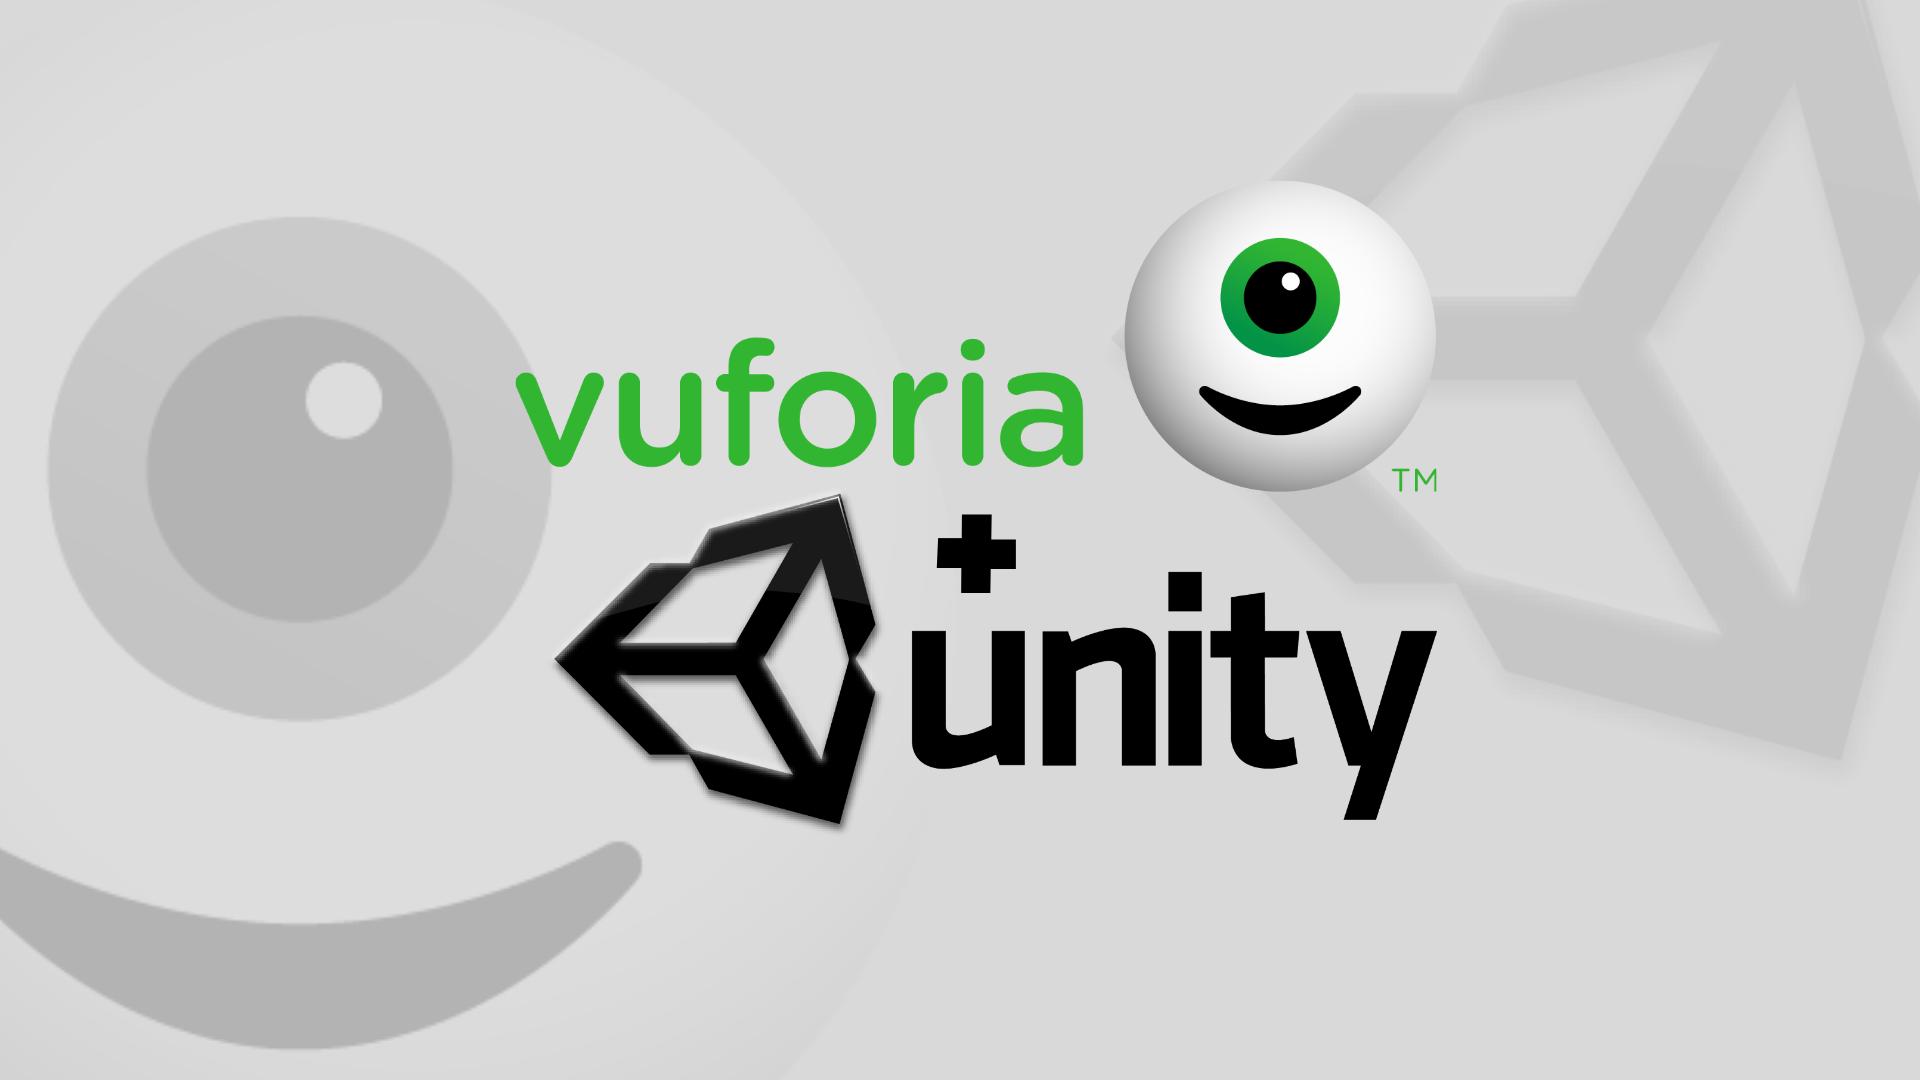 Primeiros passos com o Vuforia + Unity 3D